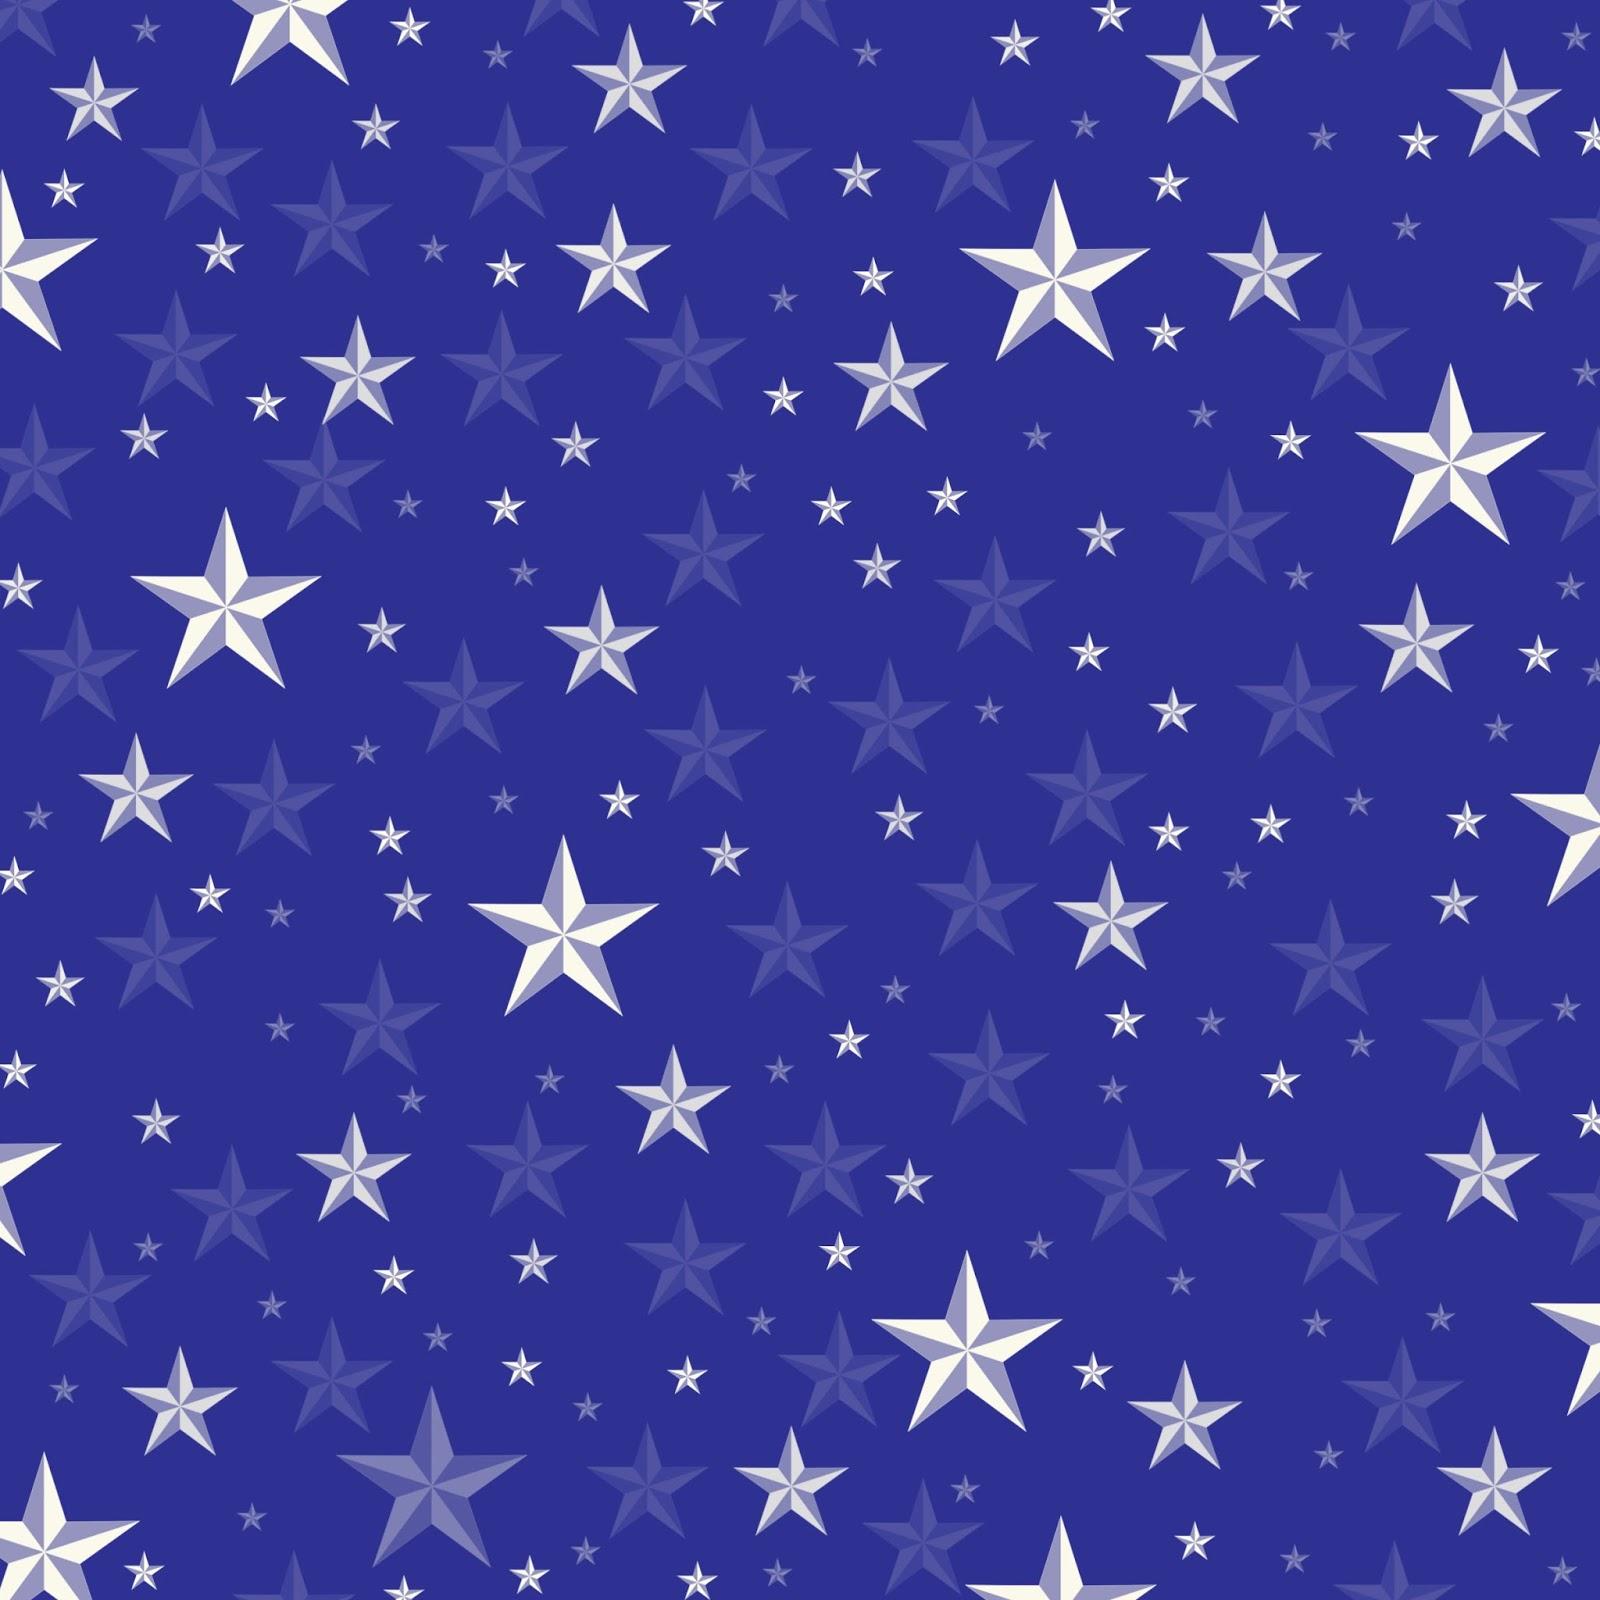 http://4.bp.blogspot.com/-g6FXzitN-lc/U50Q4gWooJI/AAAAAAAAOKo/sYiLyHqjL4w/s1600/free+digital+scrapbook+paper_blue+with+white+stars.jpg